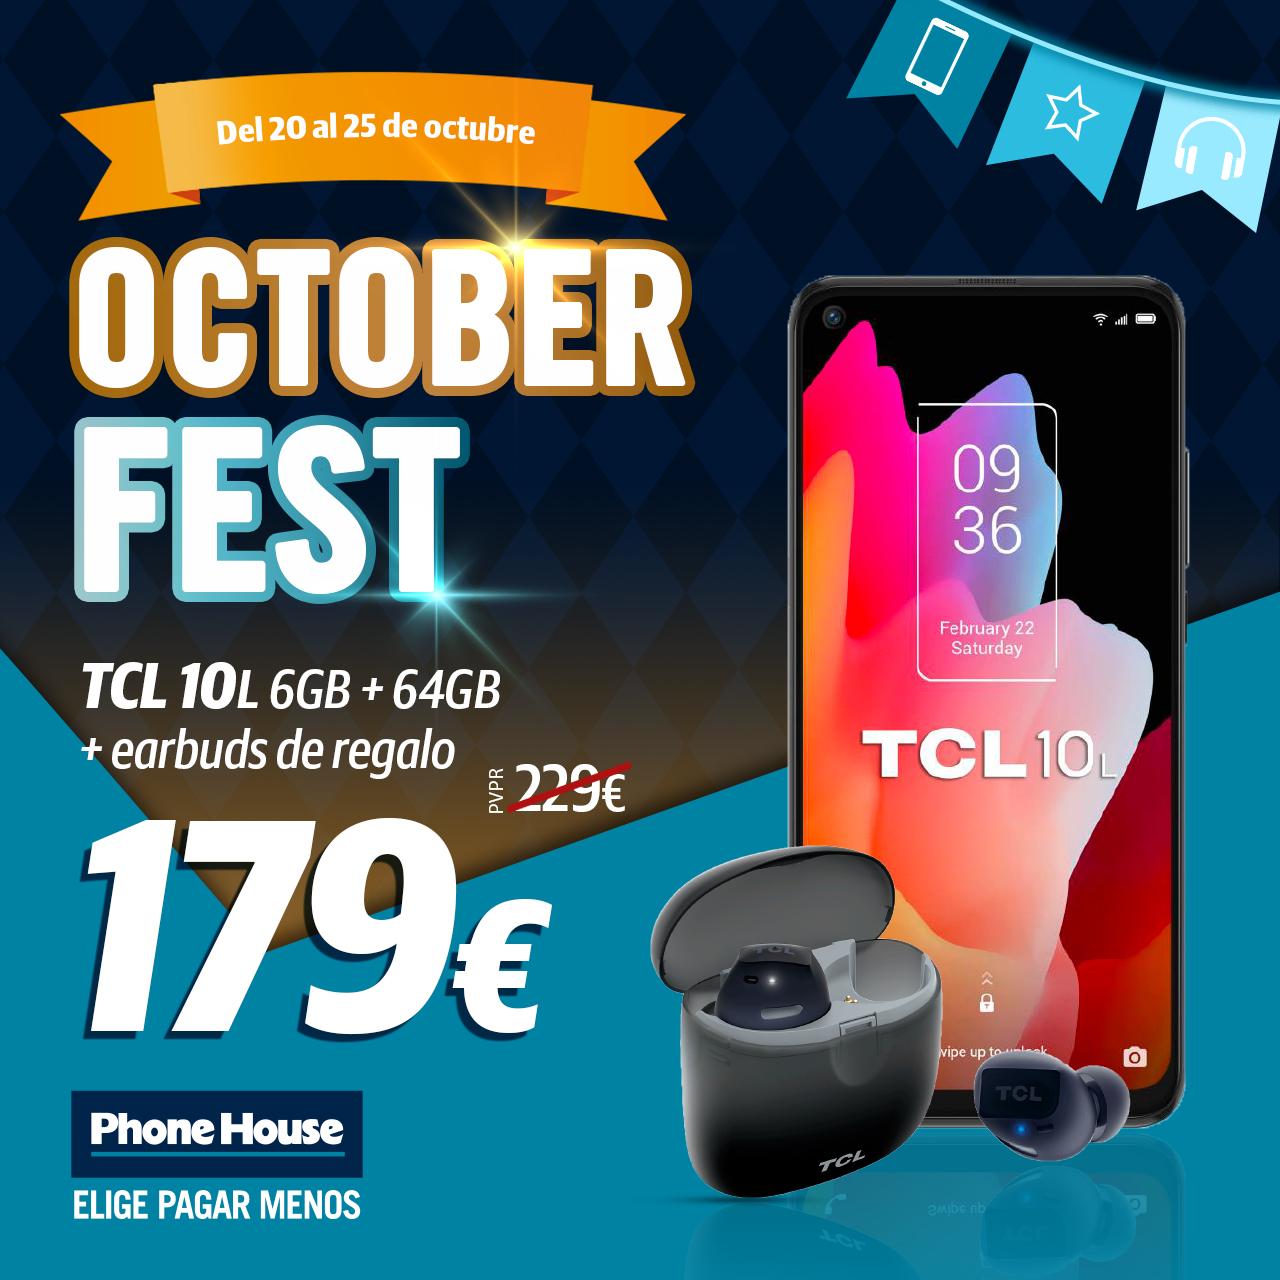 Rrss Destacados October Fest Prioridad5